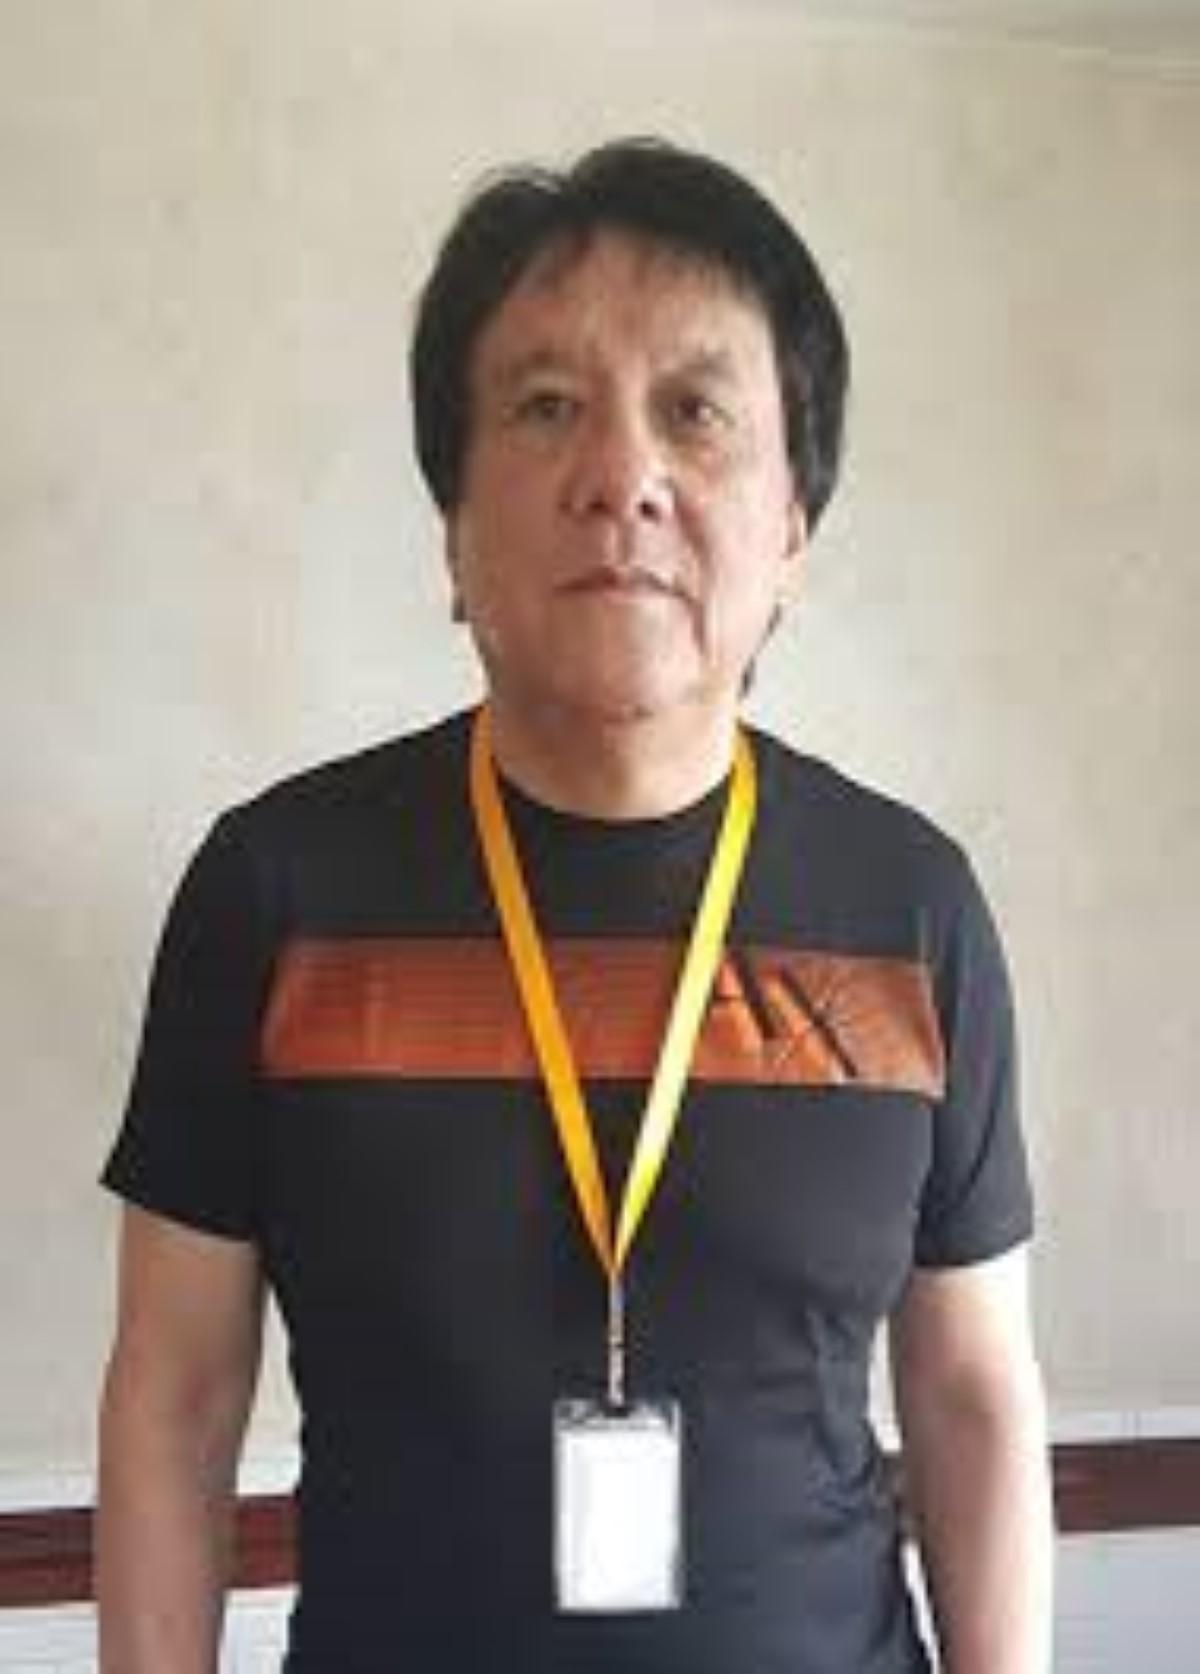 Le parrain des jeux de hasard, Michel Lee Shim élu membre fondateur du Mauritius Turf Club